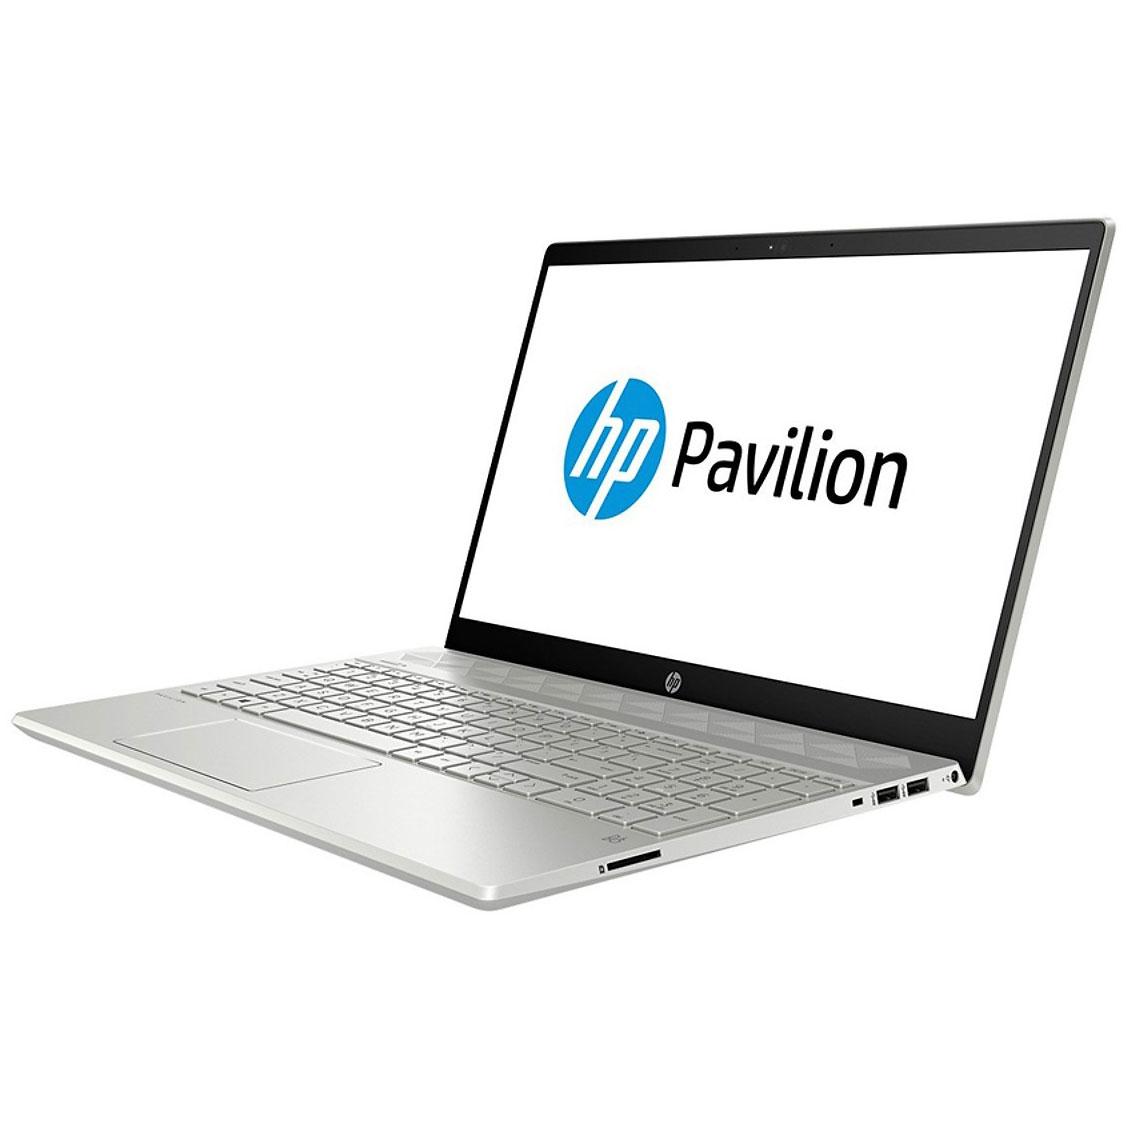 HP Pavilion 15 CS1044TX Core i5 8265U, Ram 8GB, SSD 128GB, HDD1TB, 15.6 Inch, NVIDIA GeForce MX130